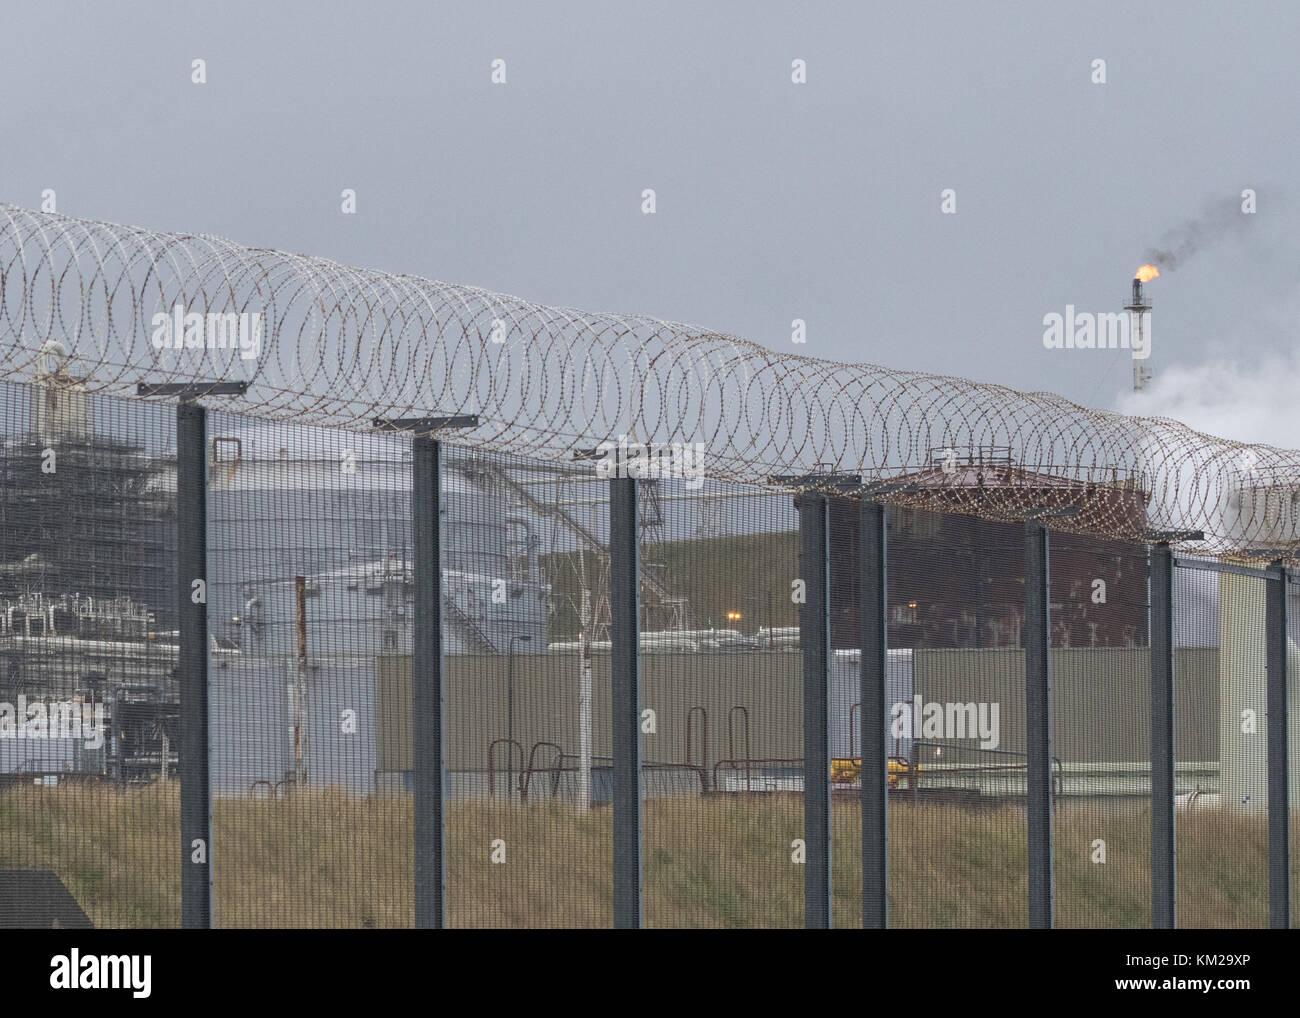 Alambre de navaja security fencing en Sullom Voe terminal petrolera, Islas Shetland (Escocia, Reino Unido) Imagen De Stock